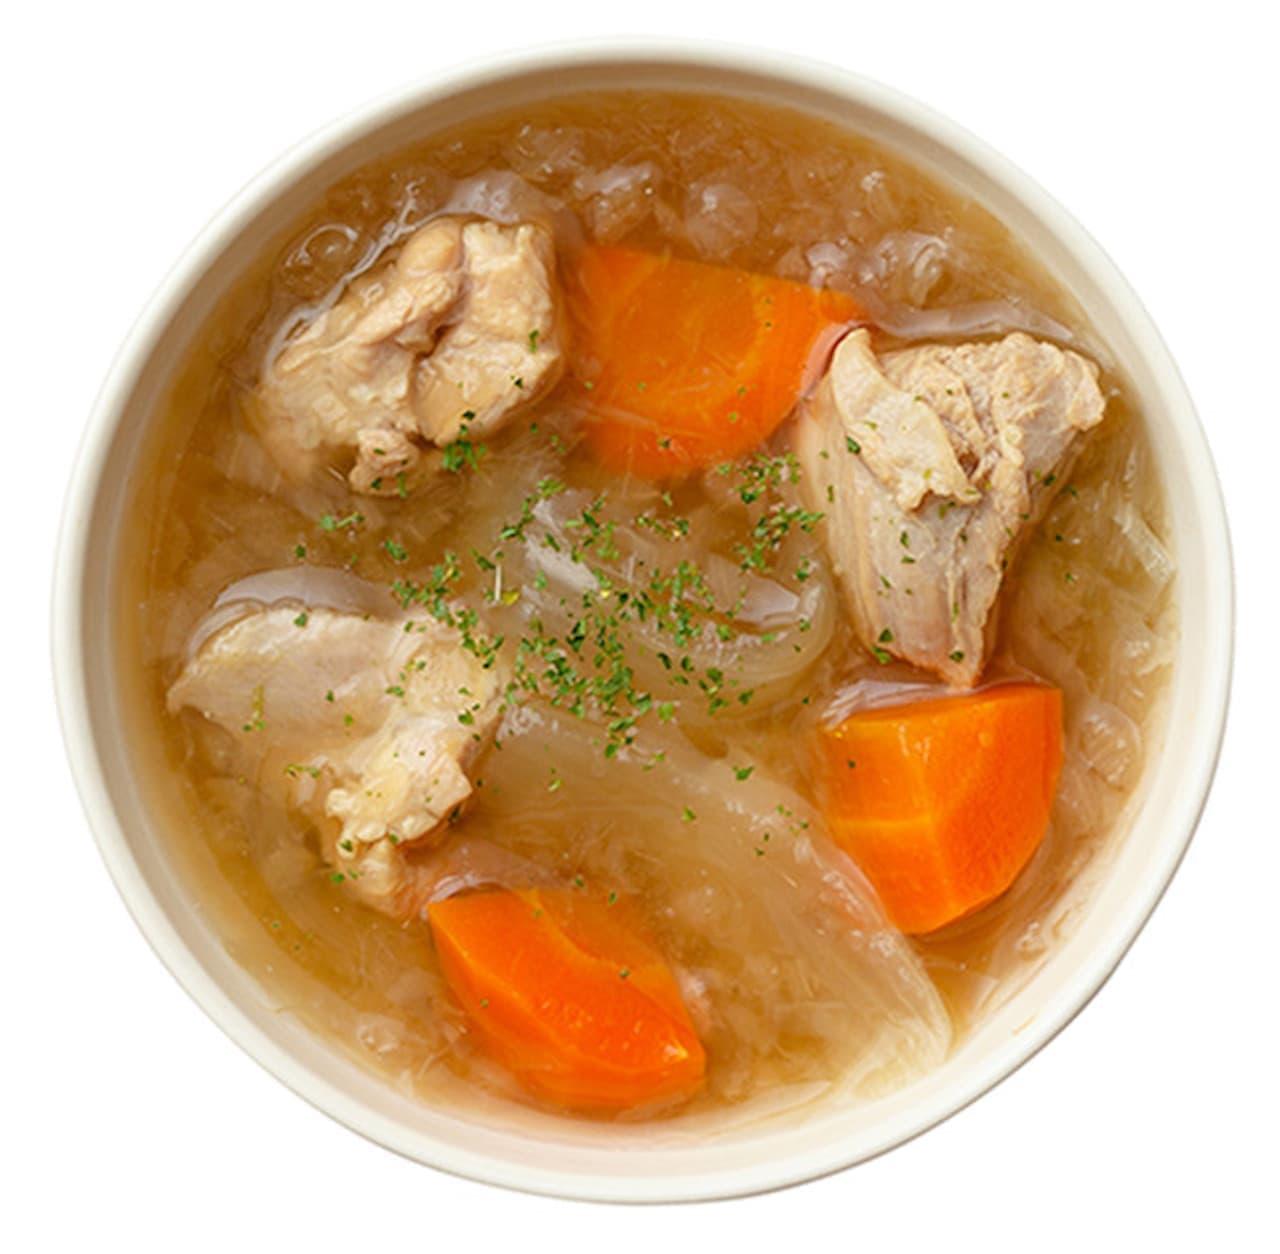 日本橋だし場「ローストオニオンとチキンのだしスープ」